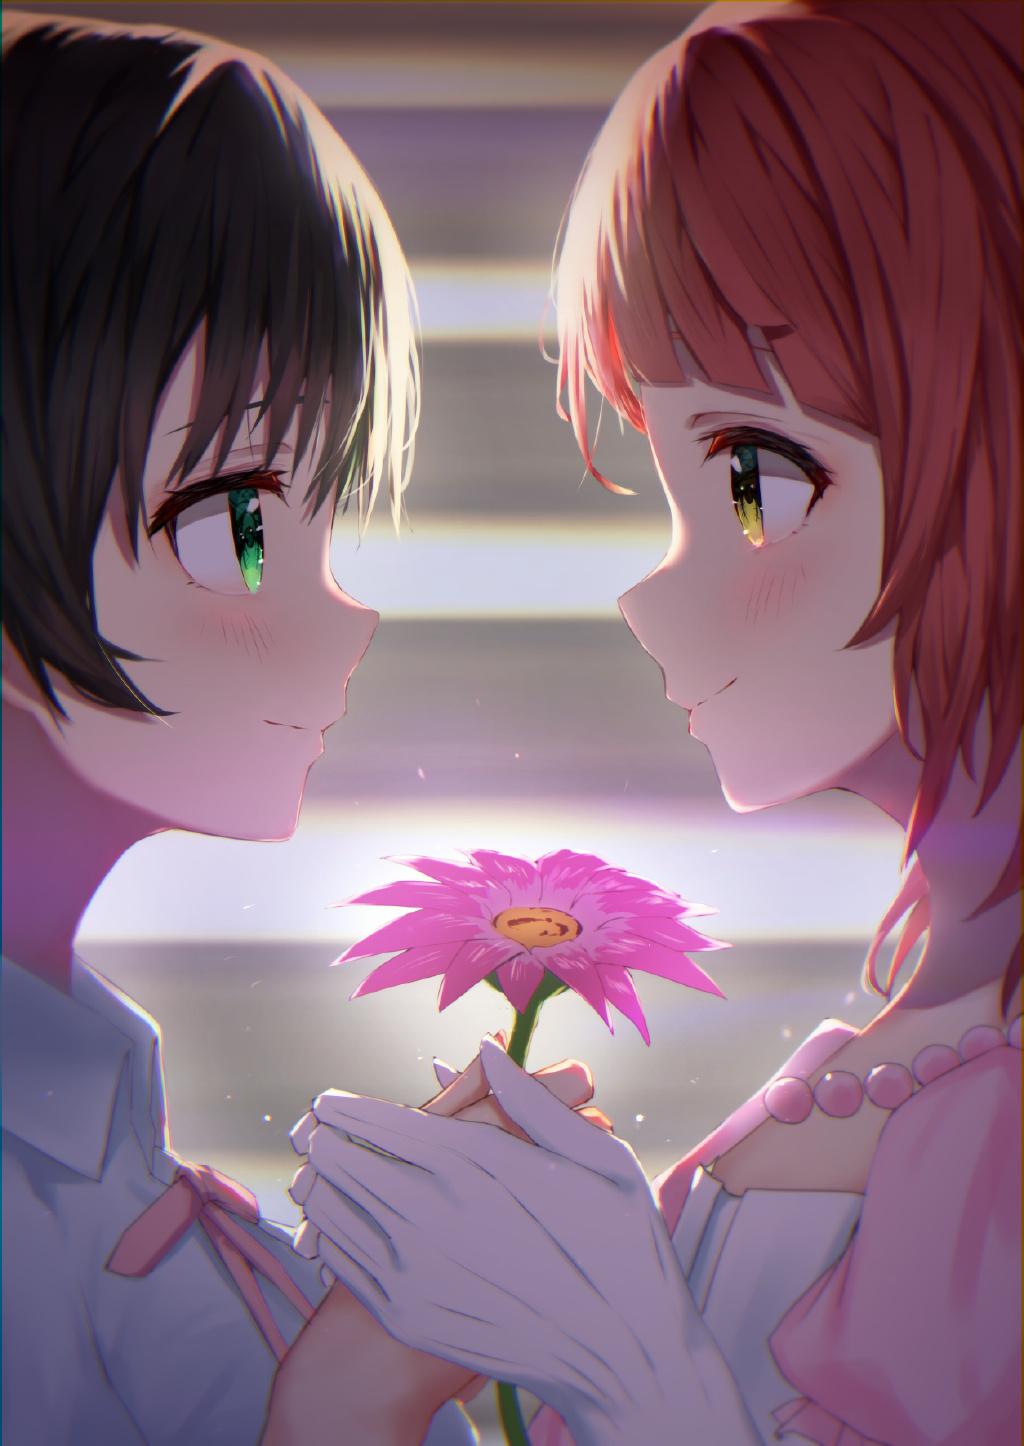 【P站美图】步女士生日快乐《LoveLive!虹咲》上原步梦生日壁纸特辑- ACG17.COM